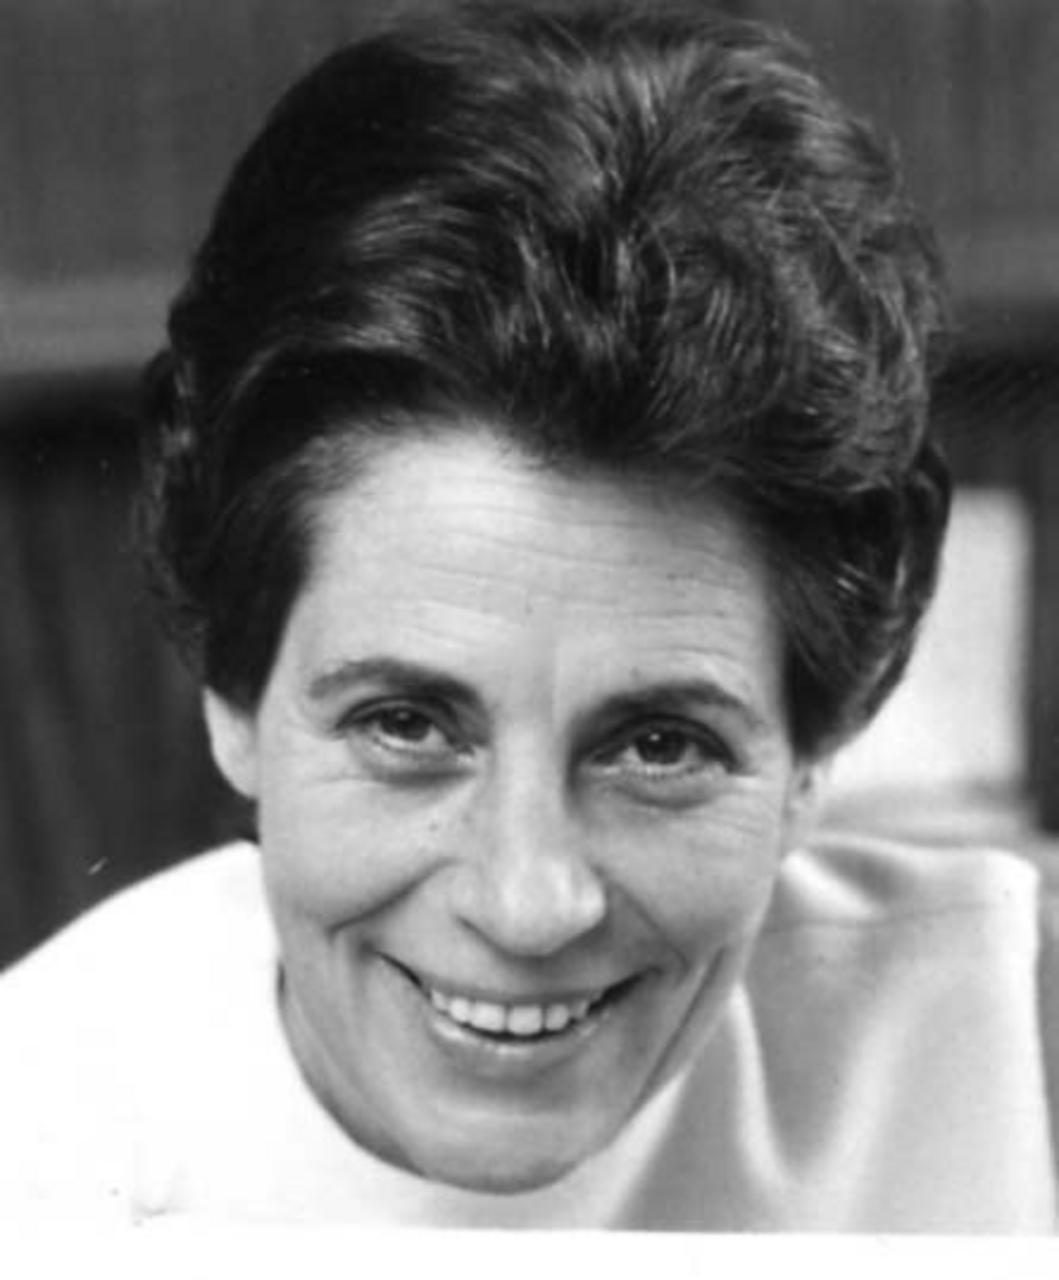 image for Giroud, Françoise (1916-2003)